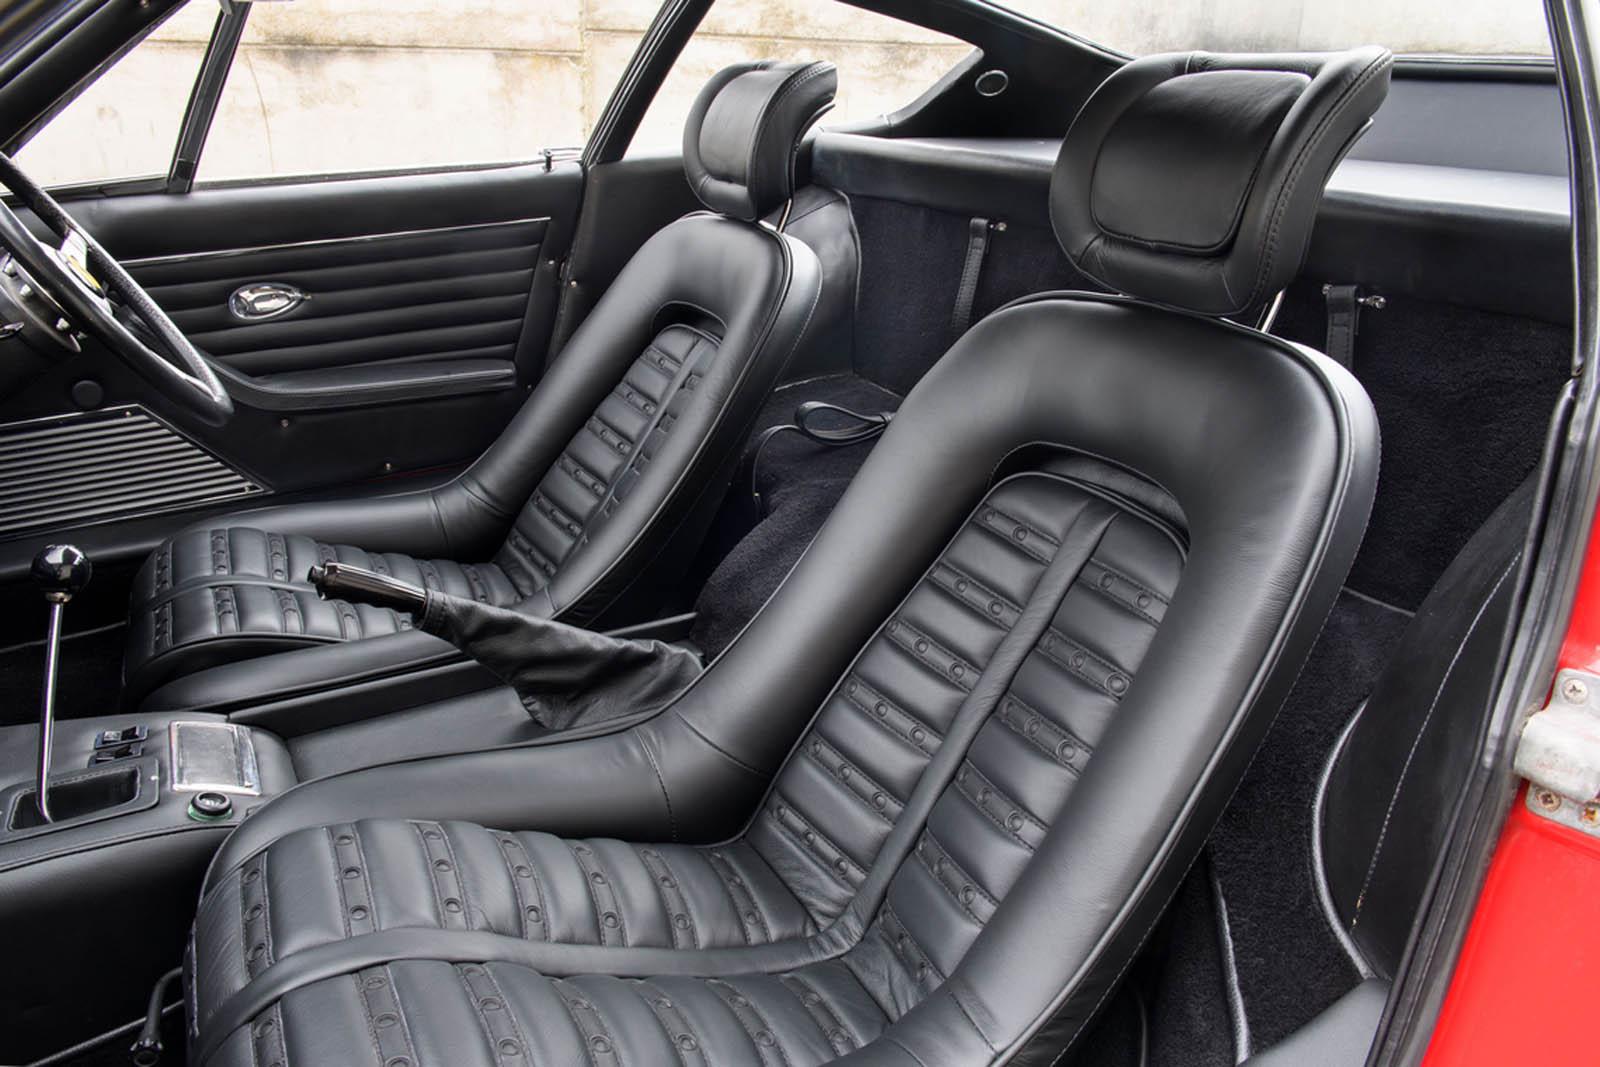 Ferrari-365-GTB4-Daytona-ex-Elton-John-12